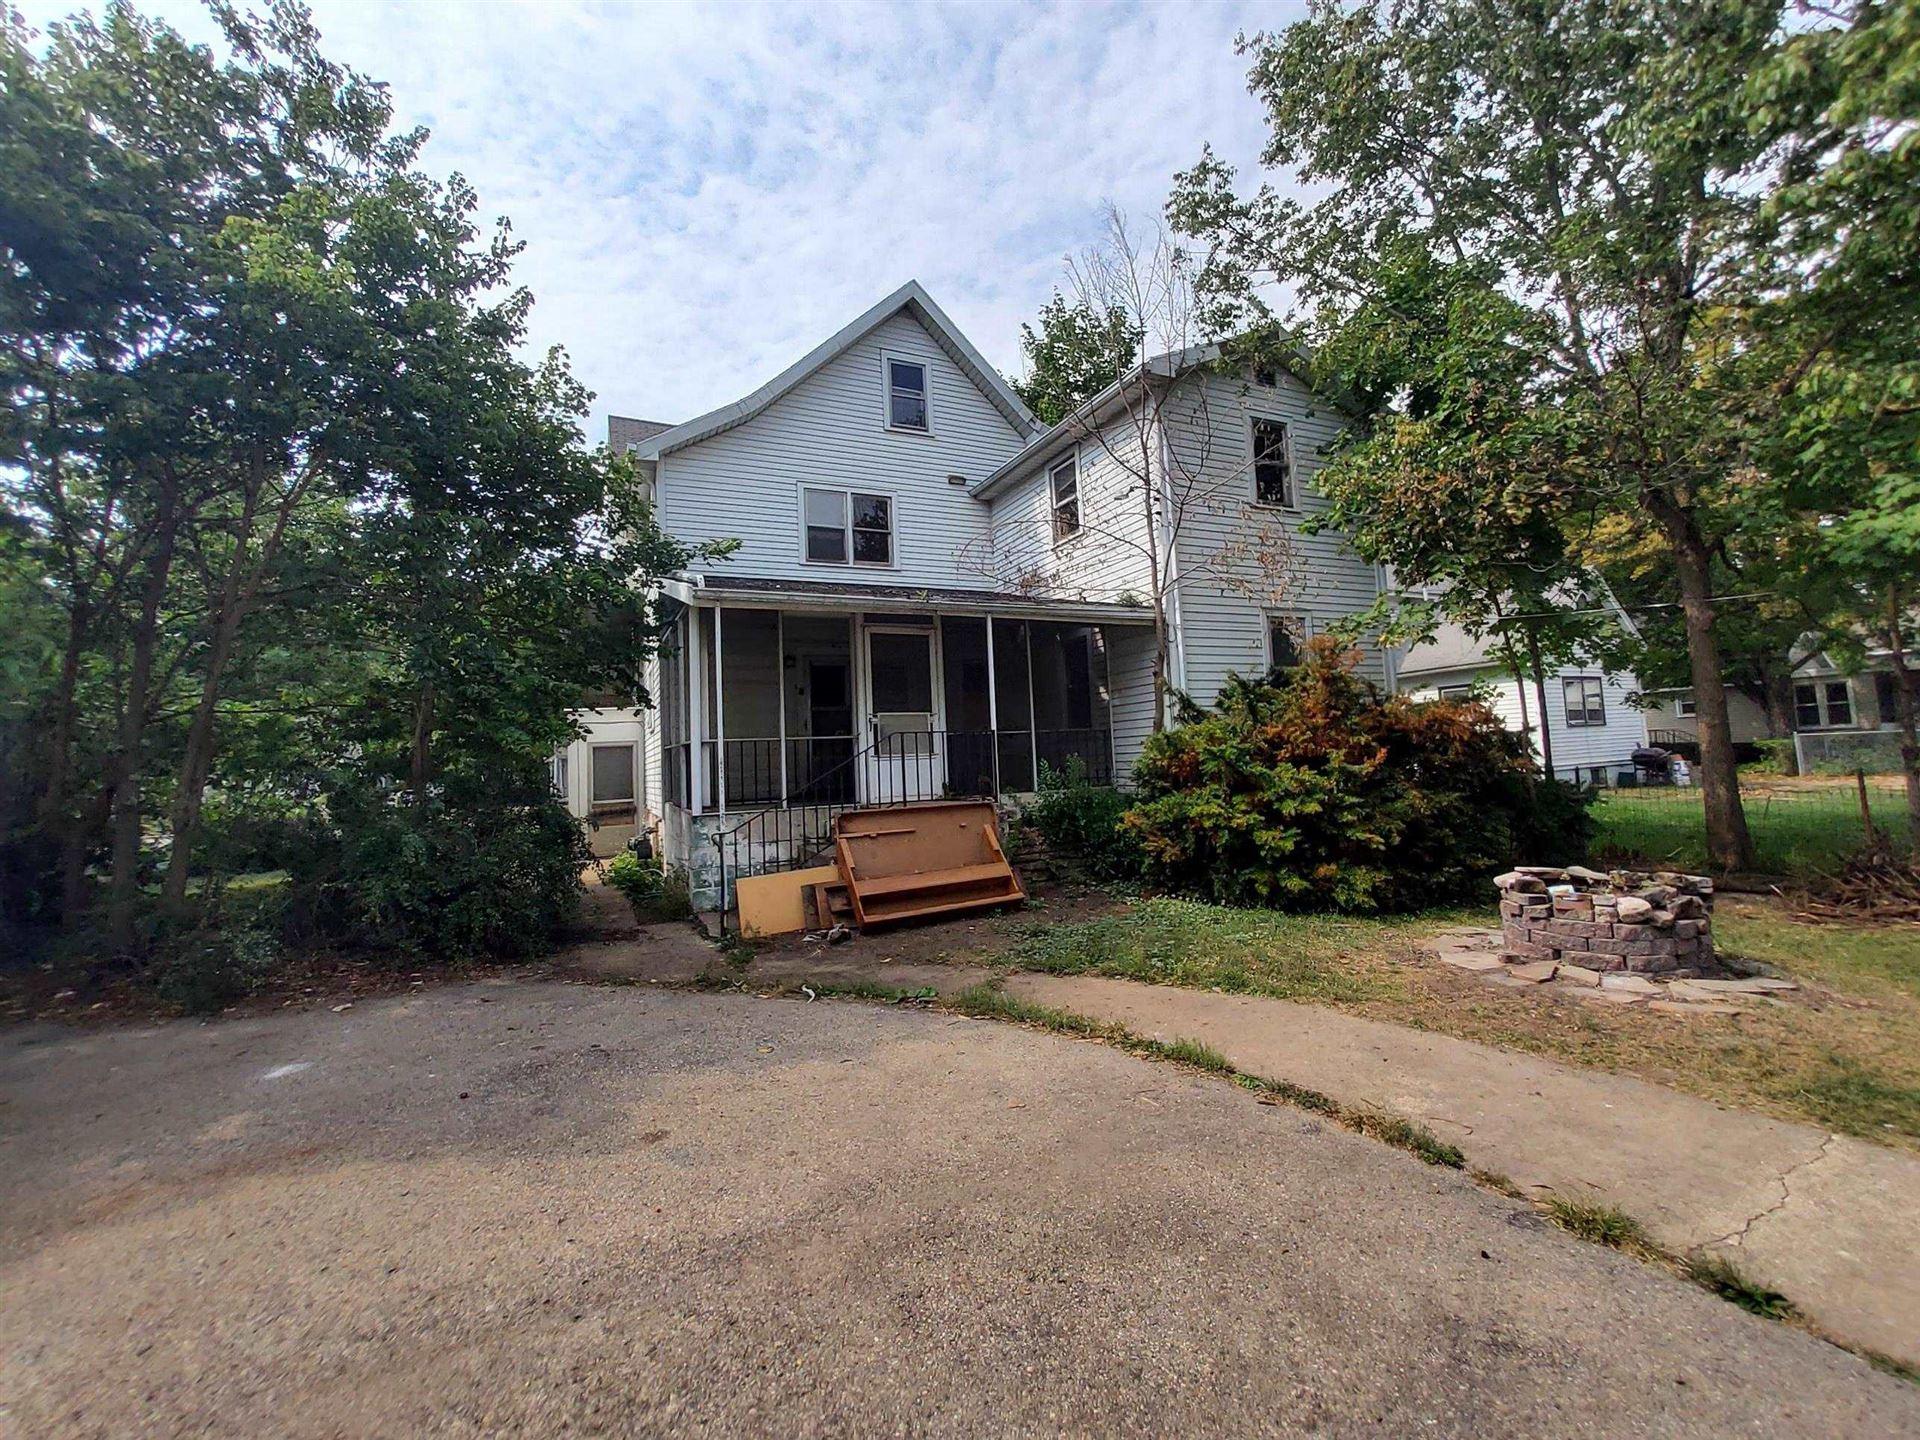 825 Bluff St, Beloit, WI 53511 - #: 1920736